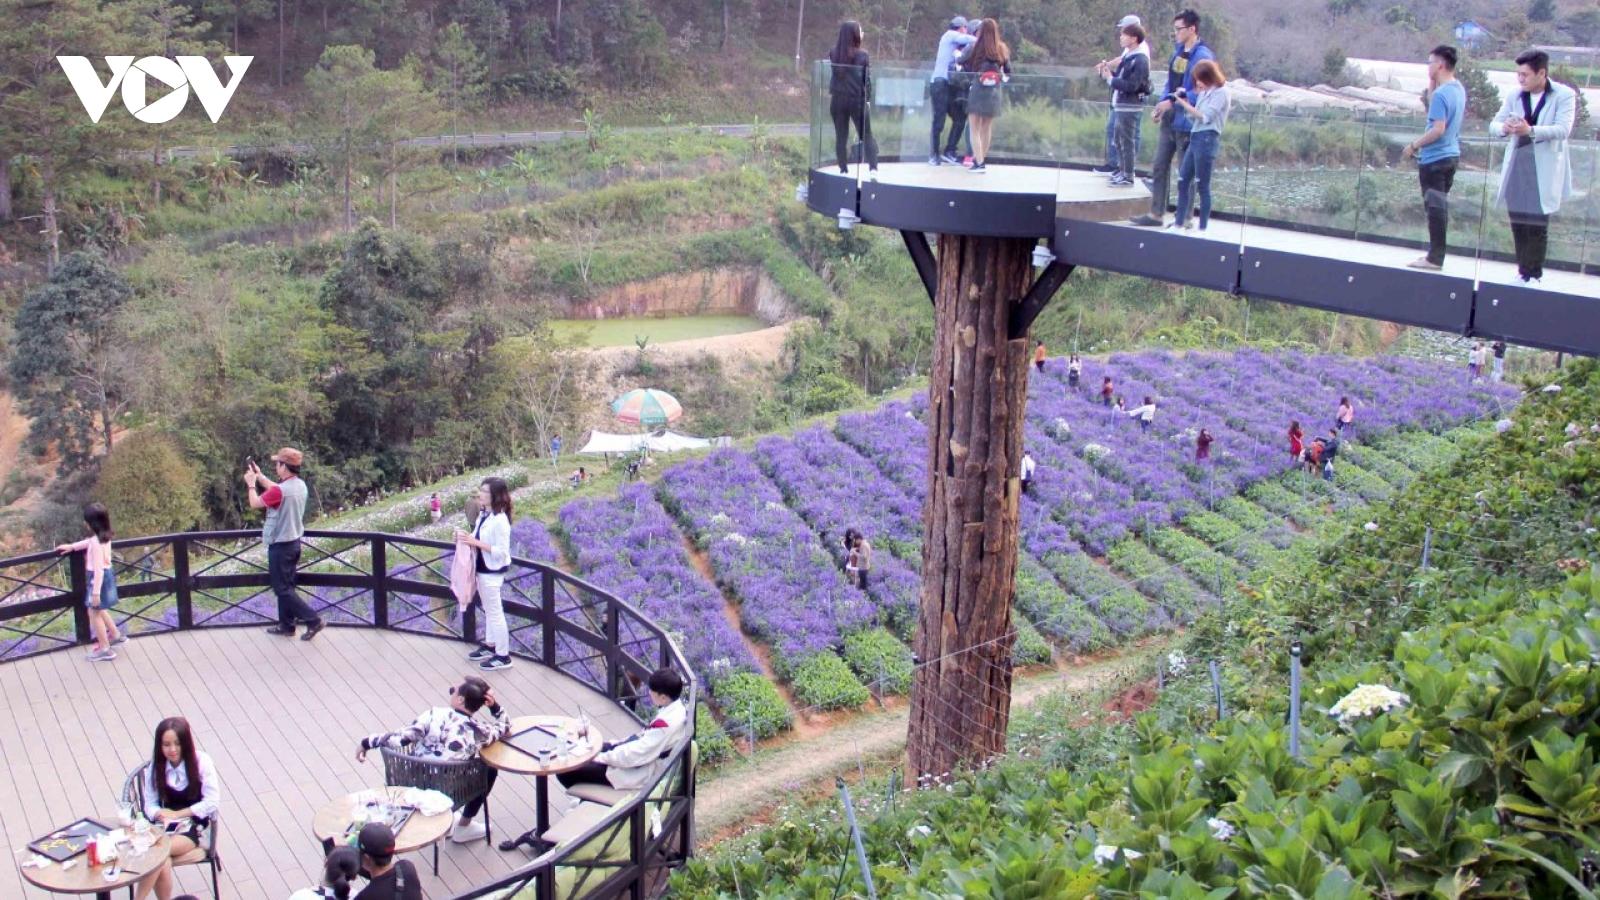 Du lịch canh nông Lâm Đồng: khắc phục bất cập để vươn tầm quốc gia, quốc tế